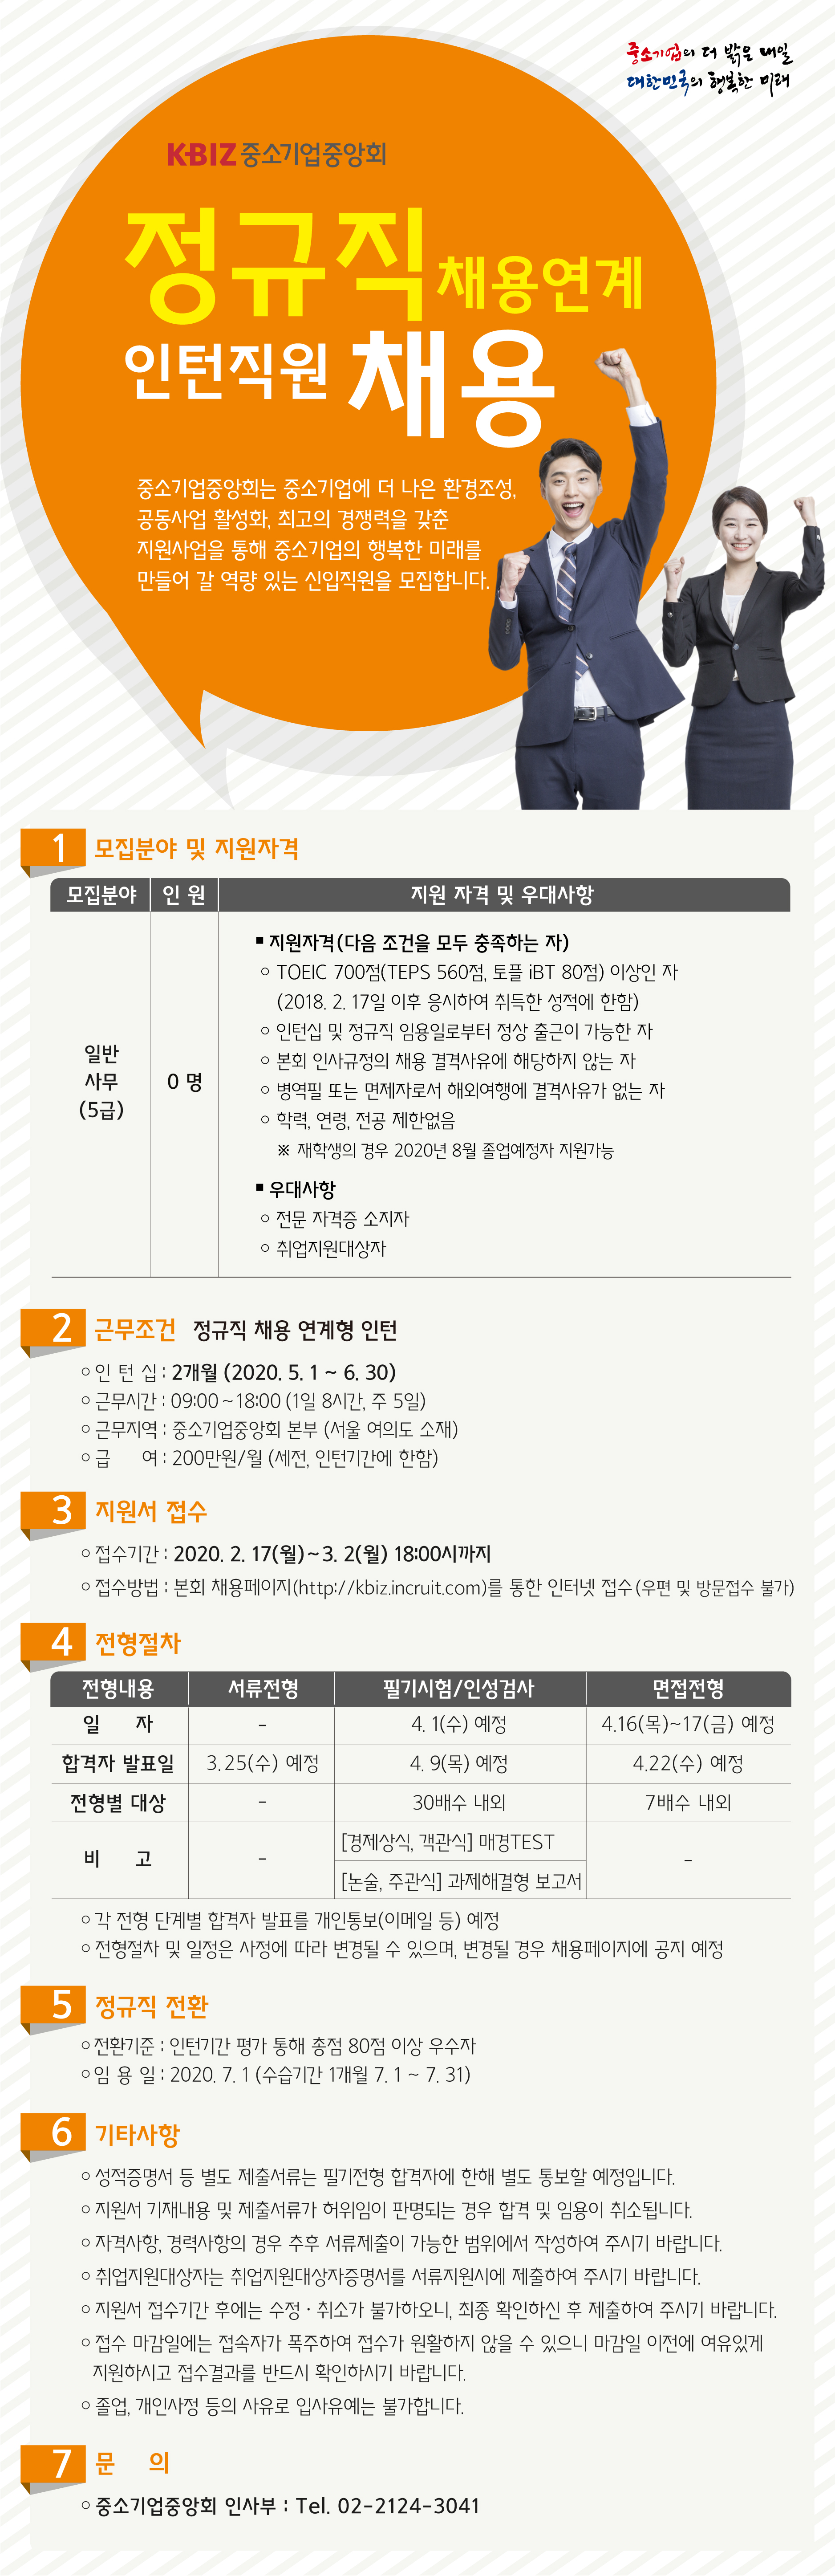 중소기업중앙회 웹 공고문